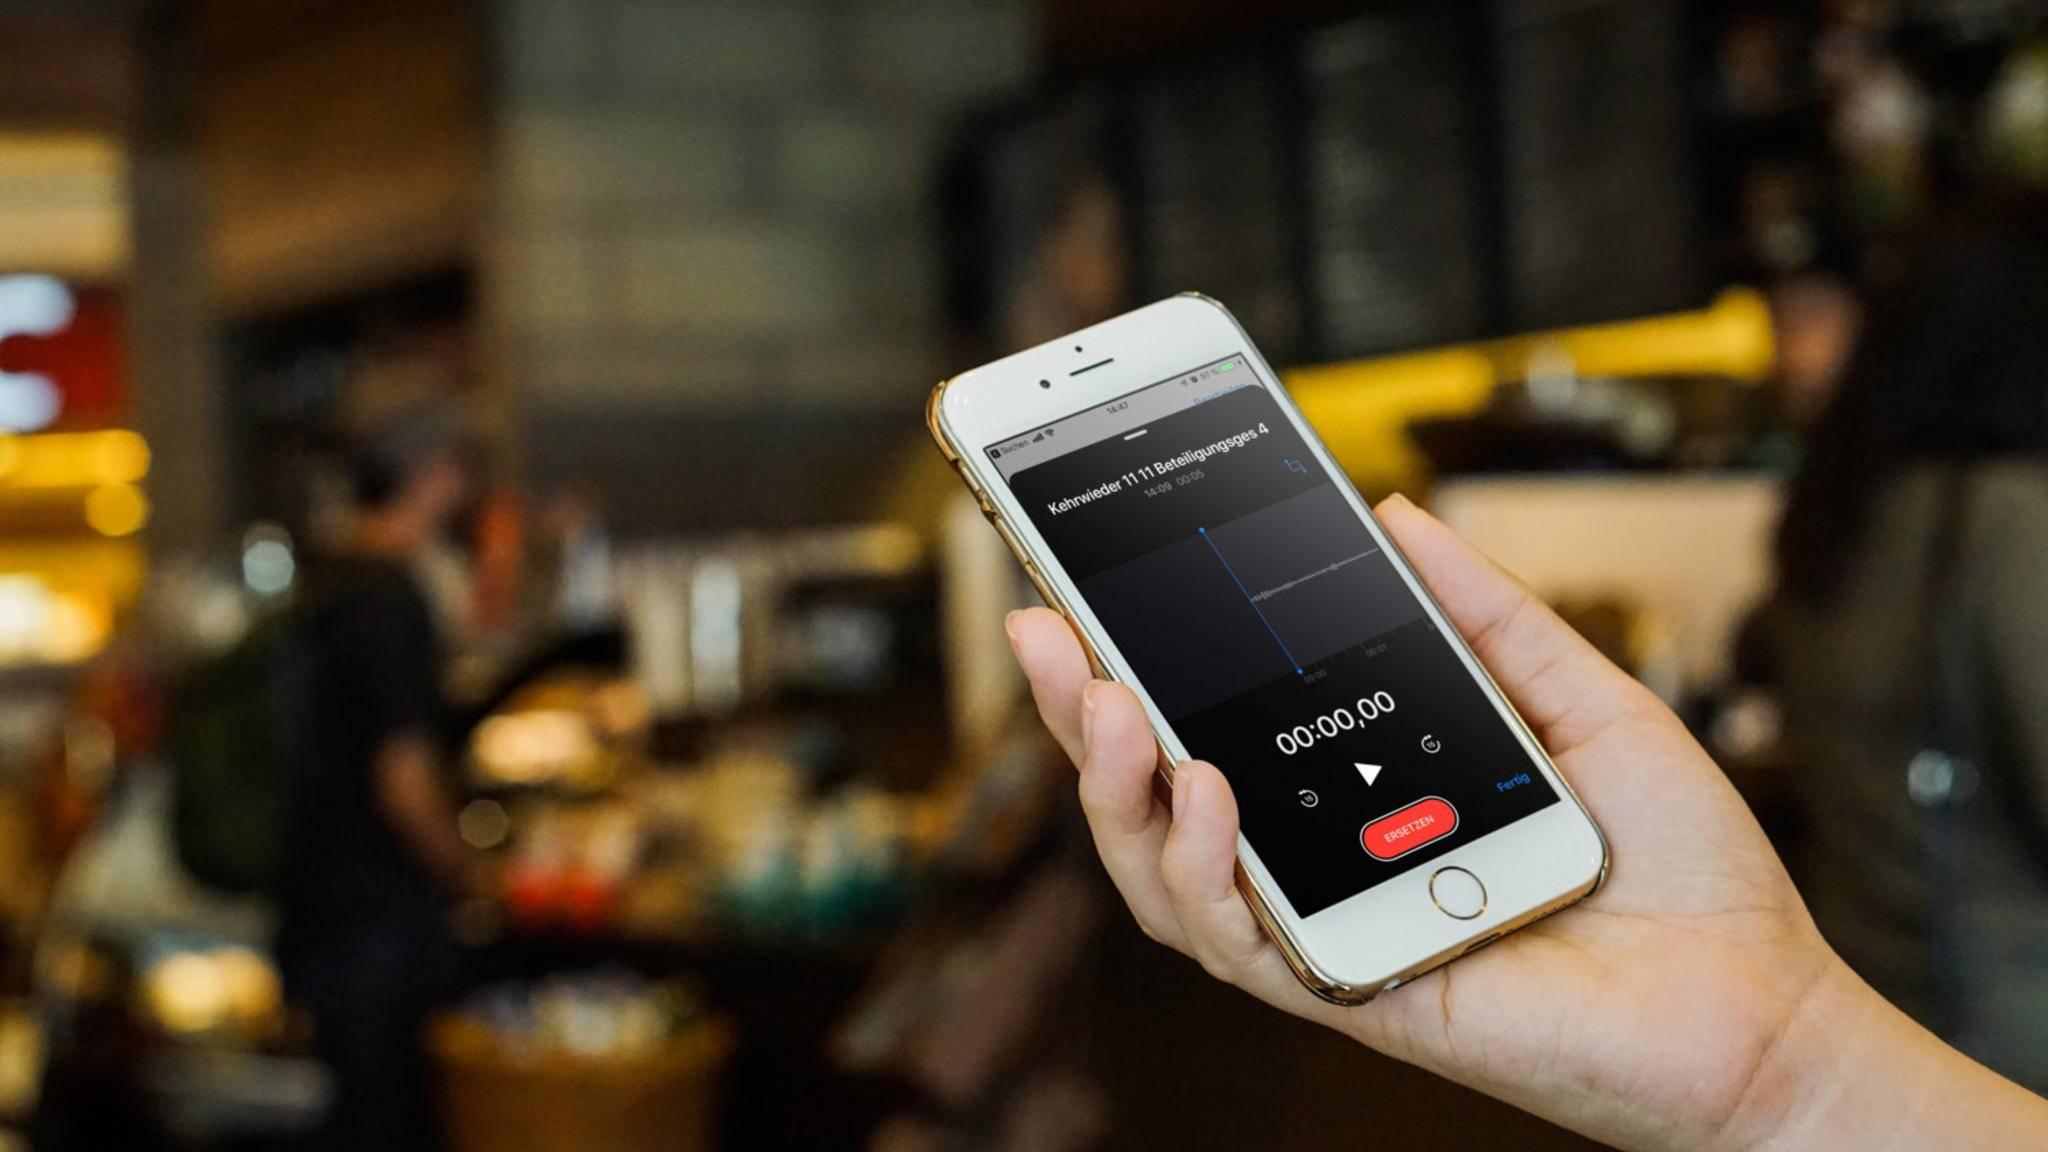 Sprachmemo auf dem iPhone aufnehmen, teilen und bearbeiten: So geht's